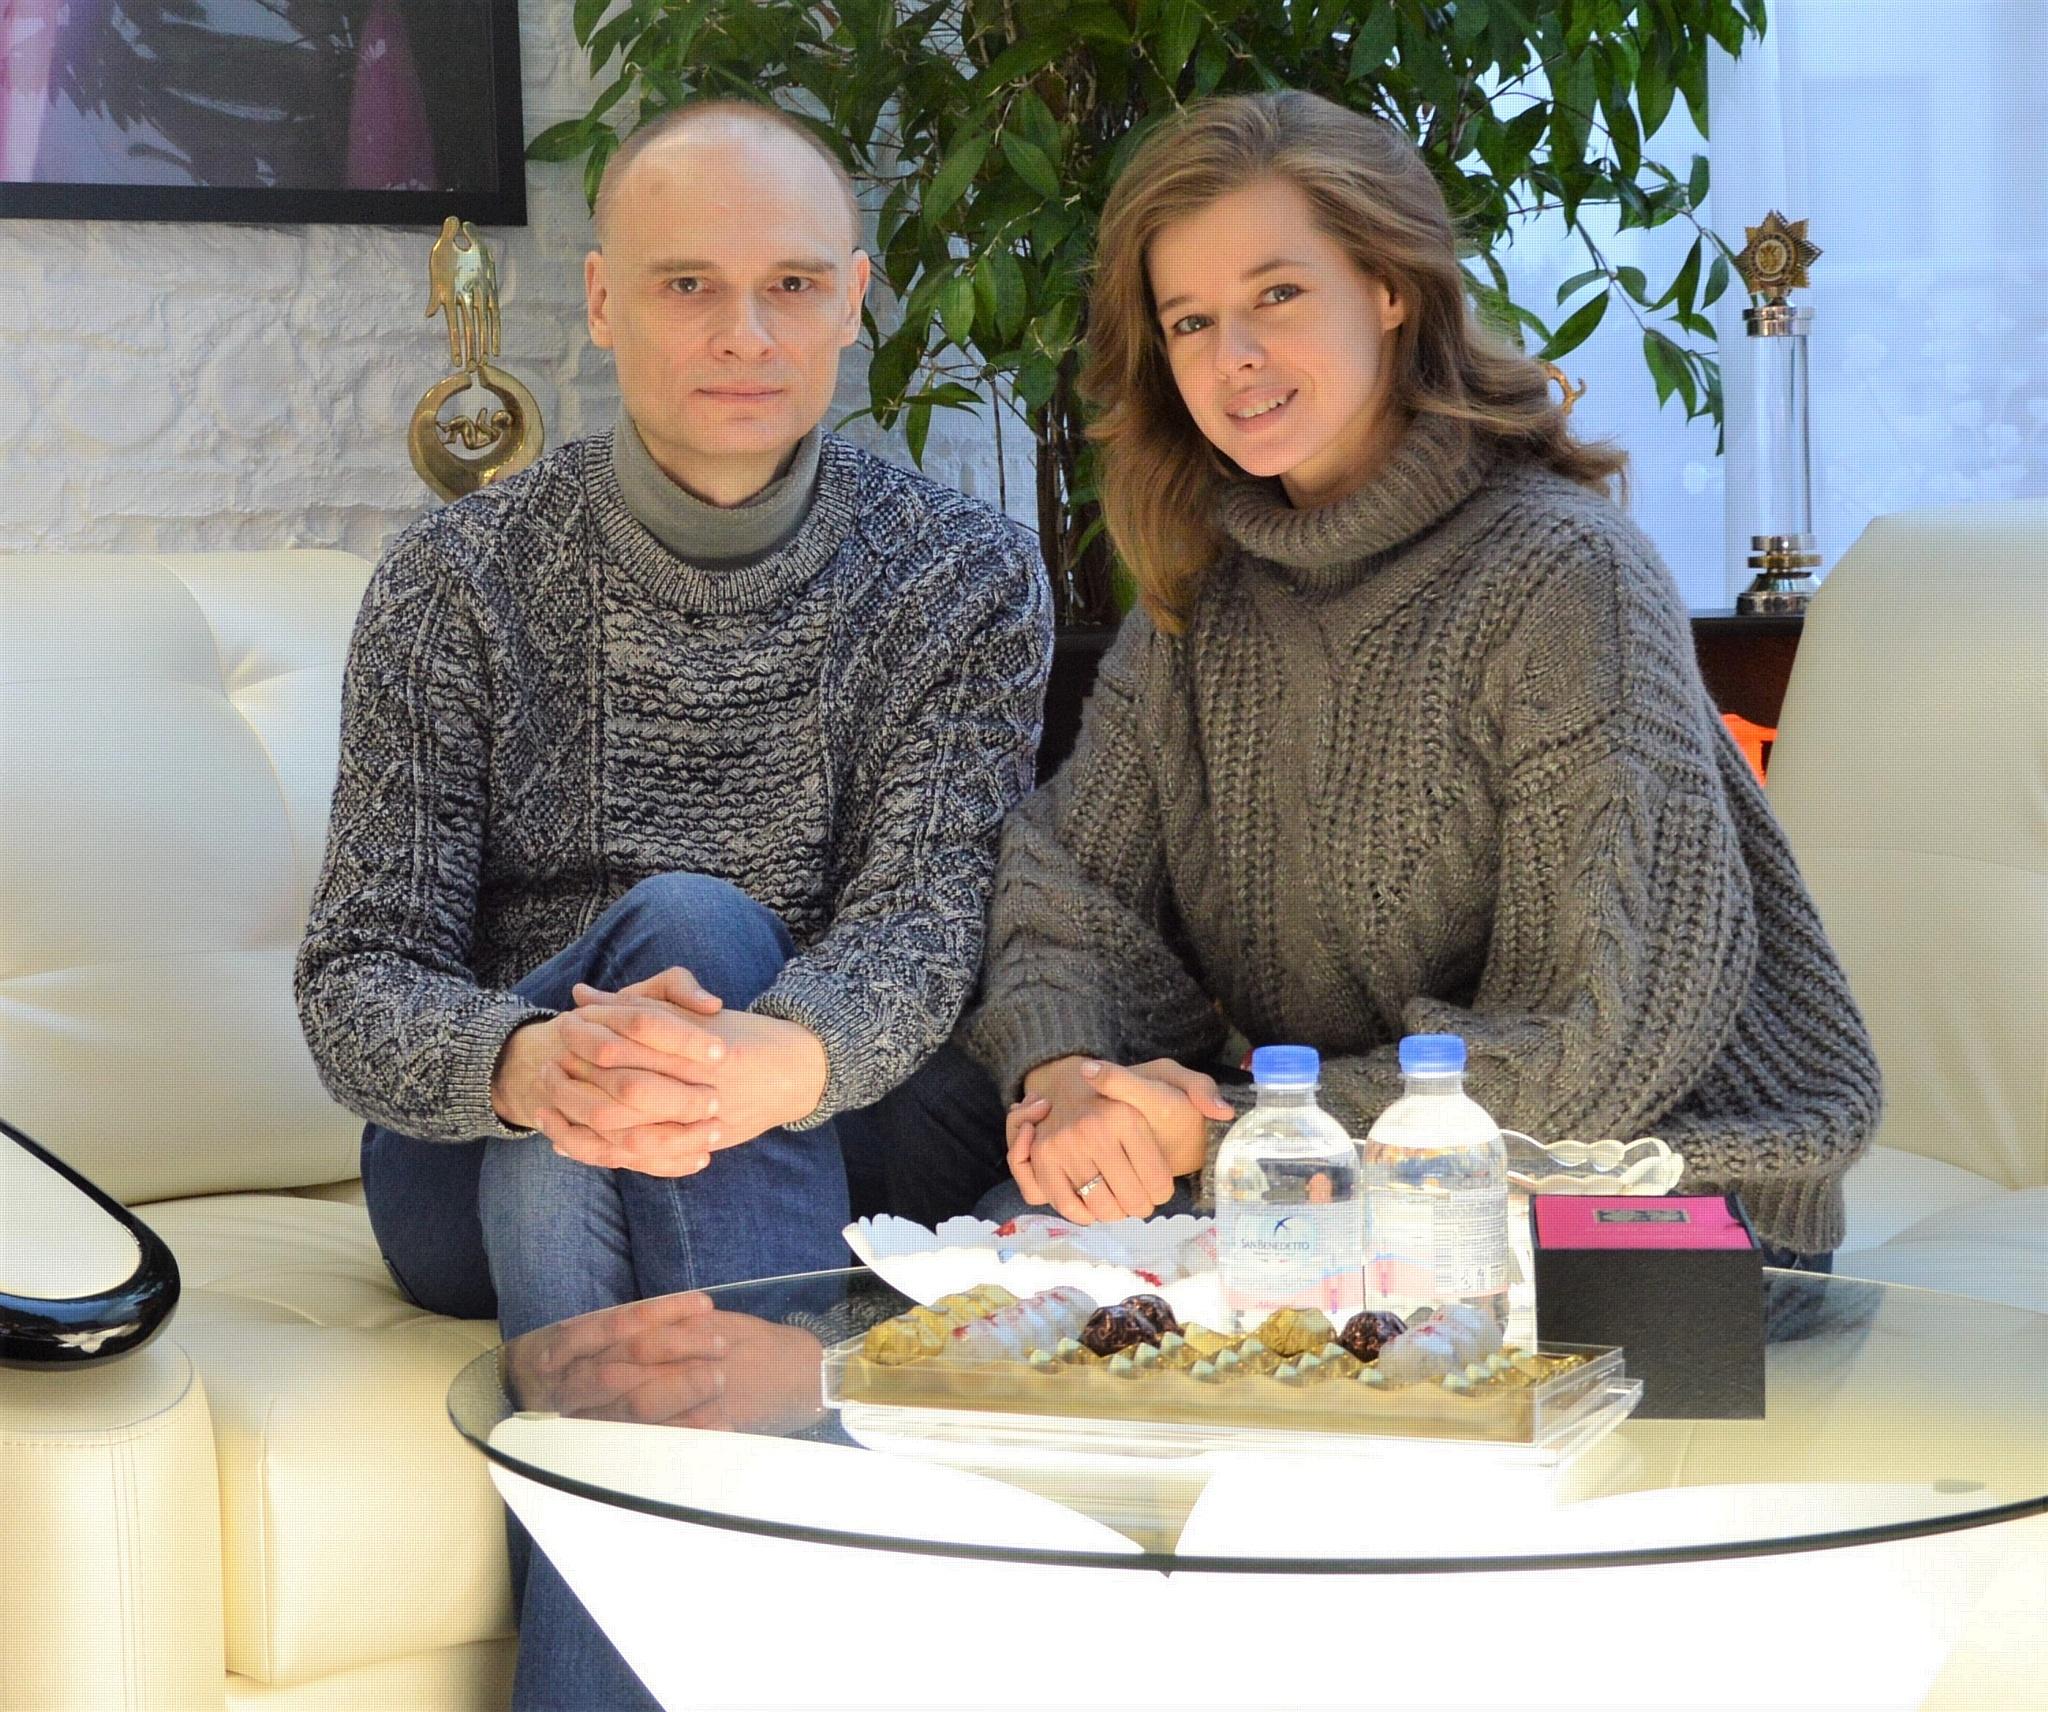 Катерина Шпица и Ю.А. Волынкин